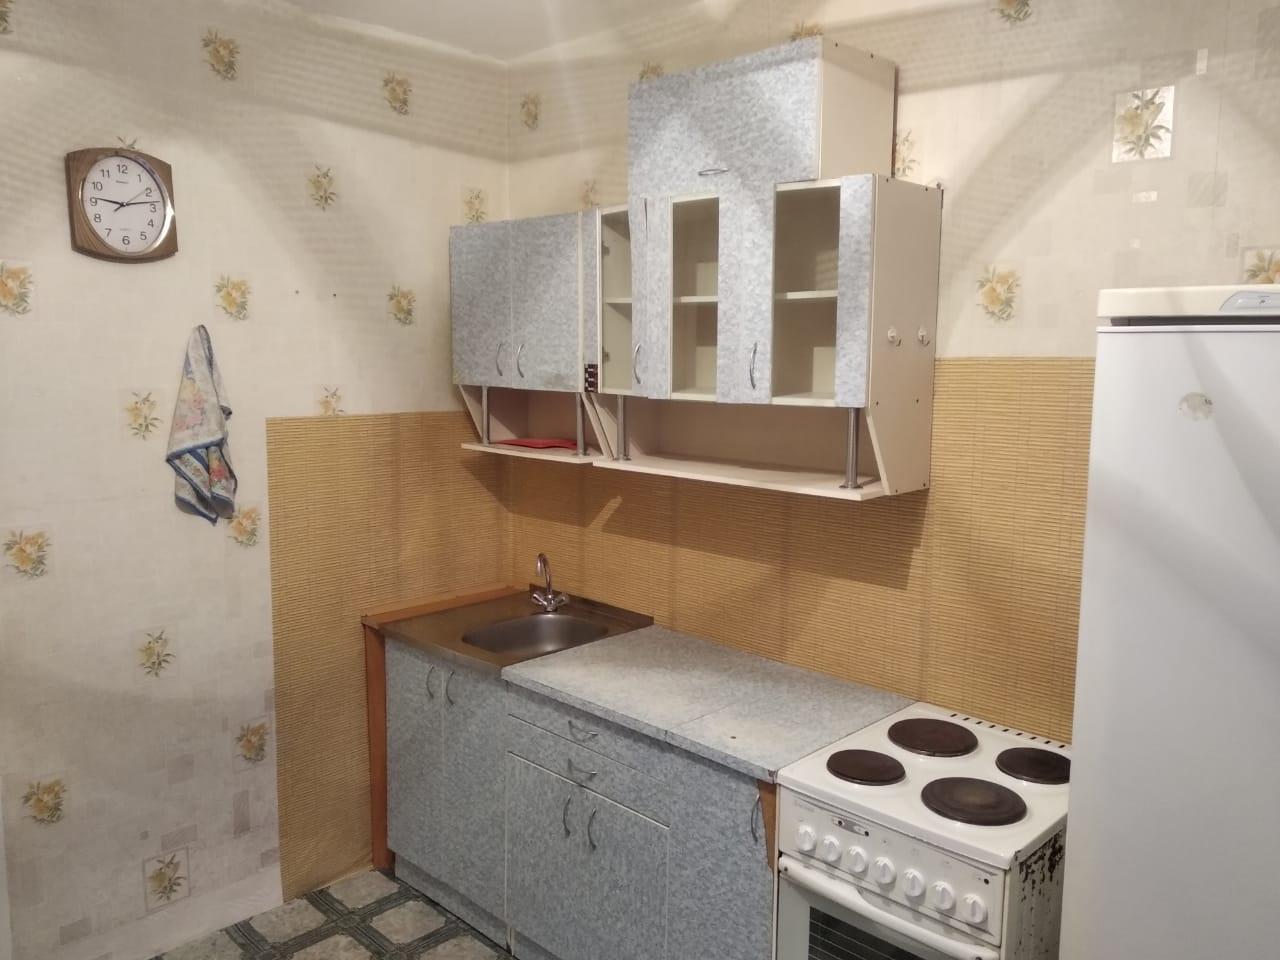 2к квартира Комсомольский проспект, 4 | 17500 | аренда в Красноярске фото 6